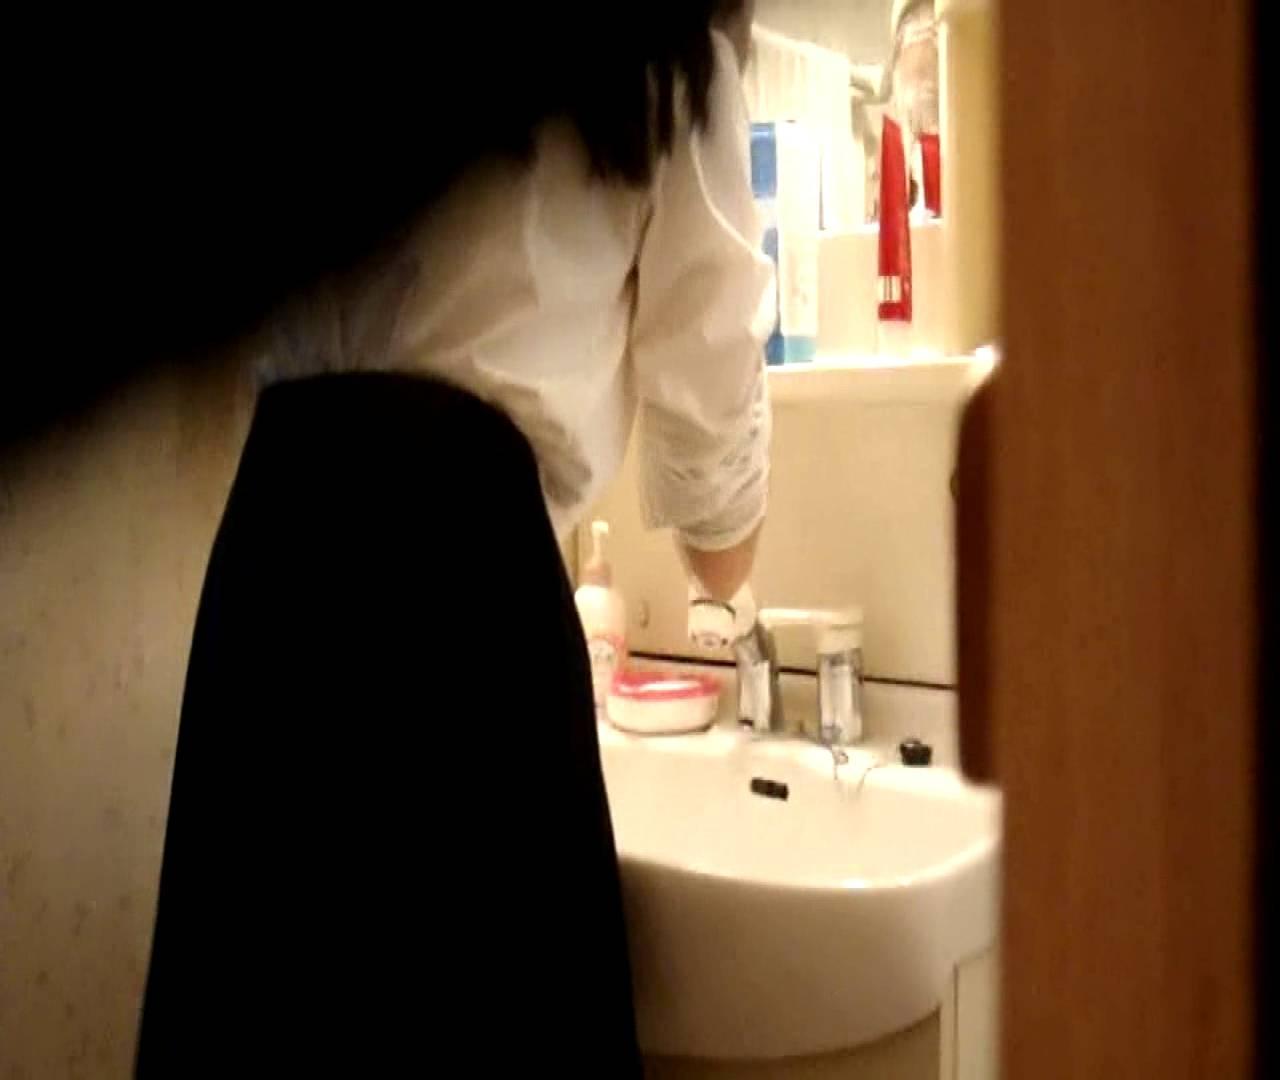 二人とも育てた甲斐がありました… vol.05 まどかが洗顔後にブラを洗濯 HなOL | 0  98pic 49